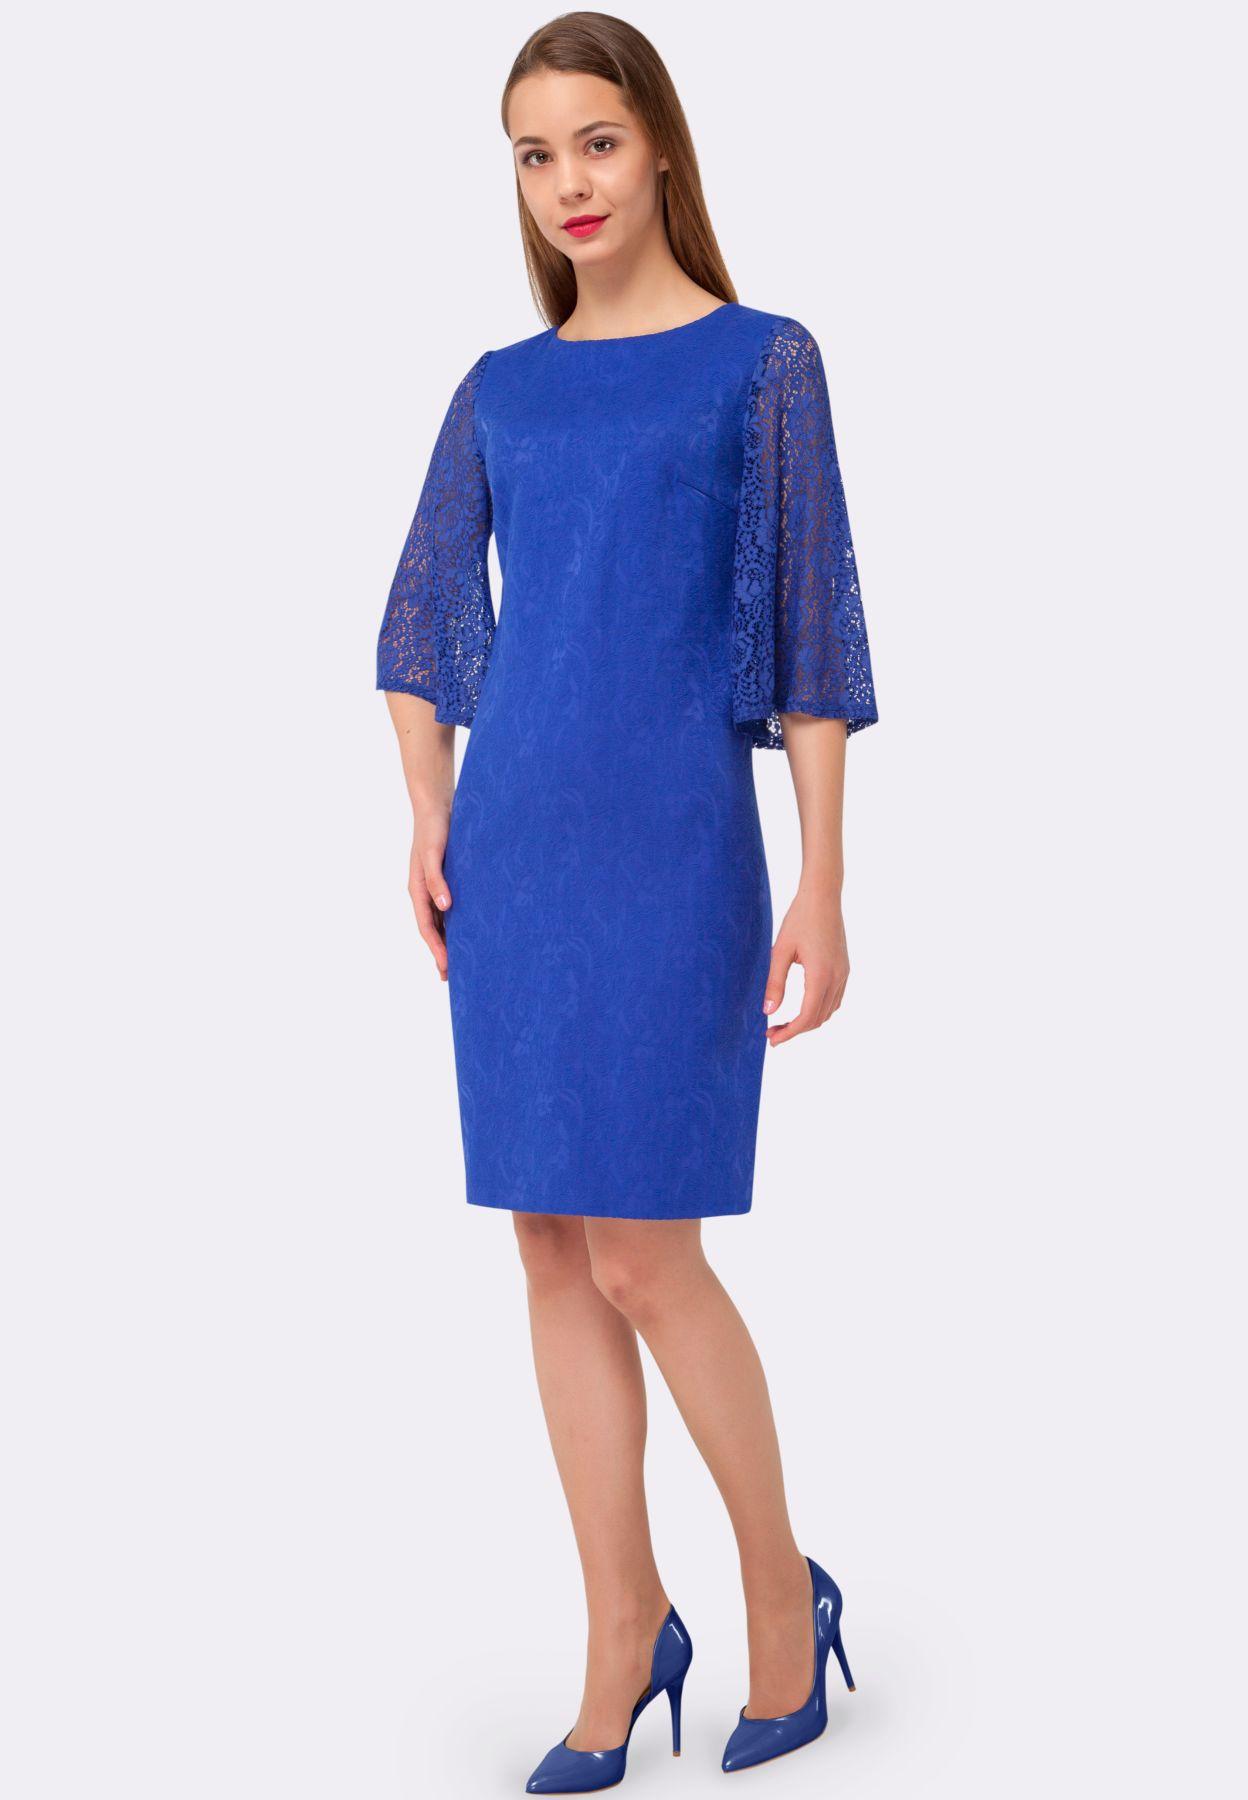 Платье 5489 - CAT ORANGE Интернет магазин женской одежды в Украине ... e4905b3642e